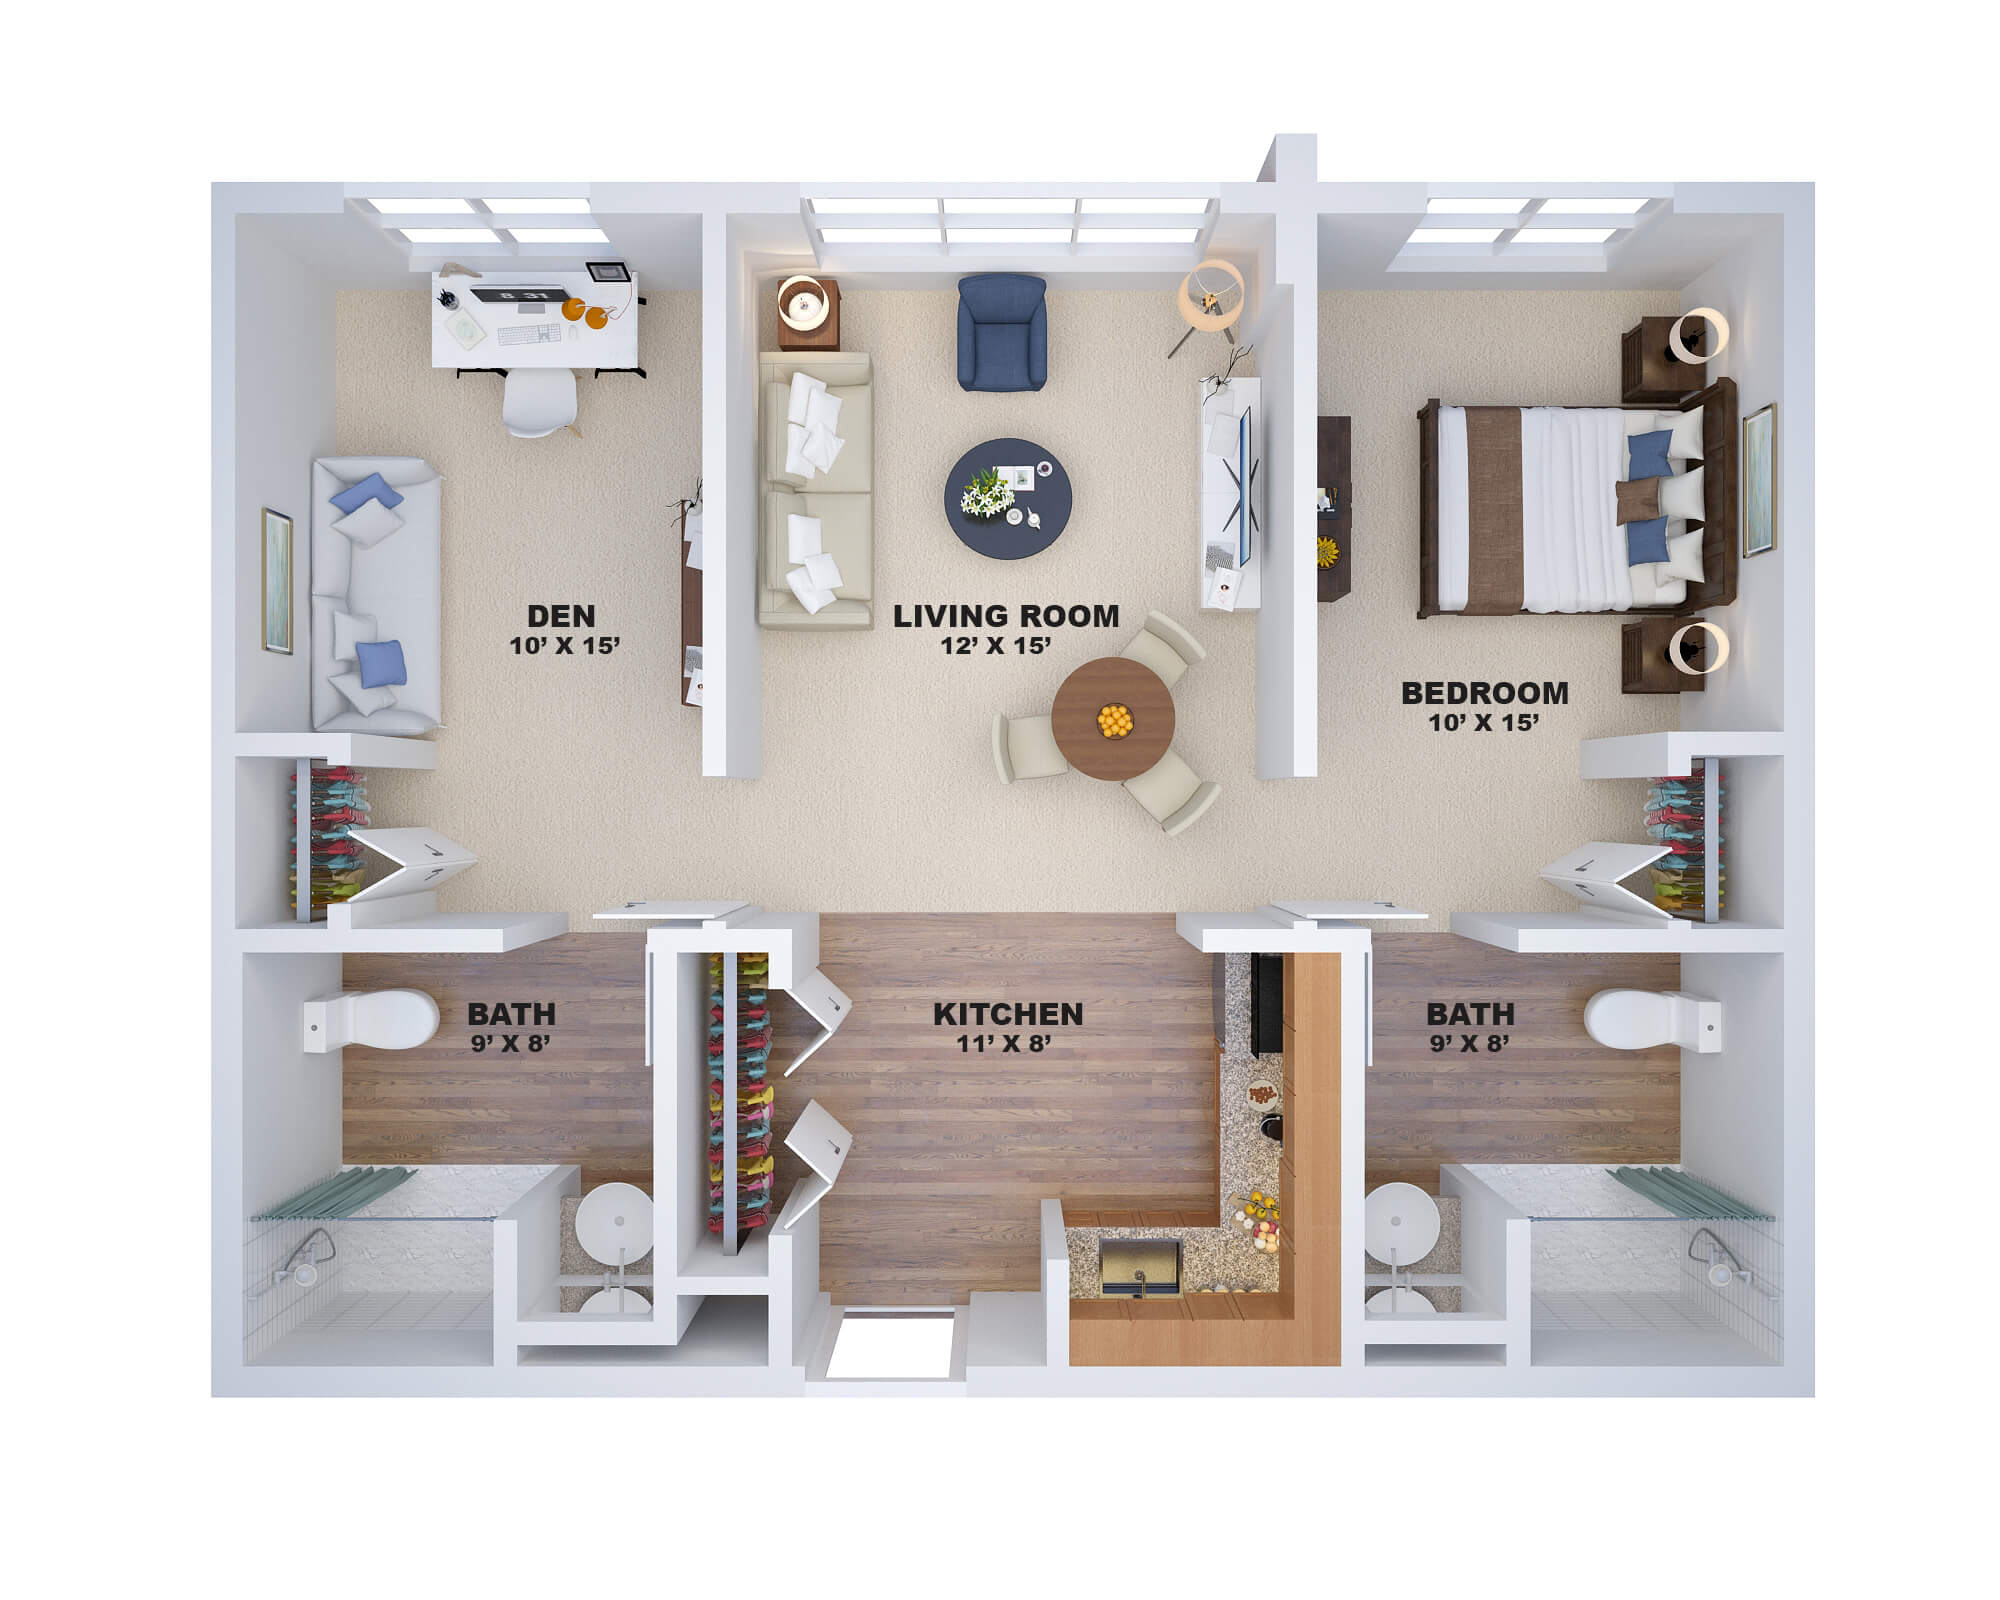 Why buy a 3d floor plan model online